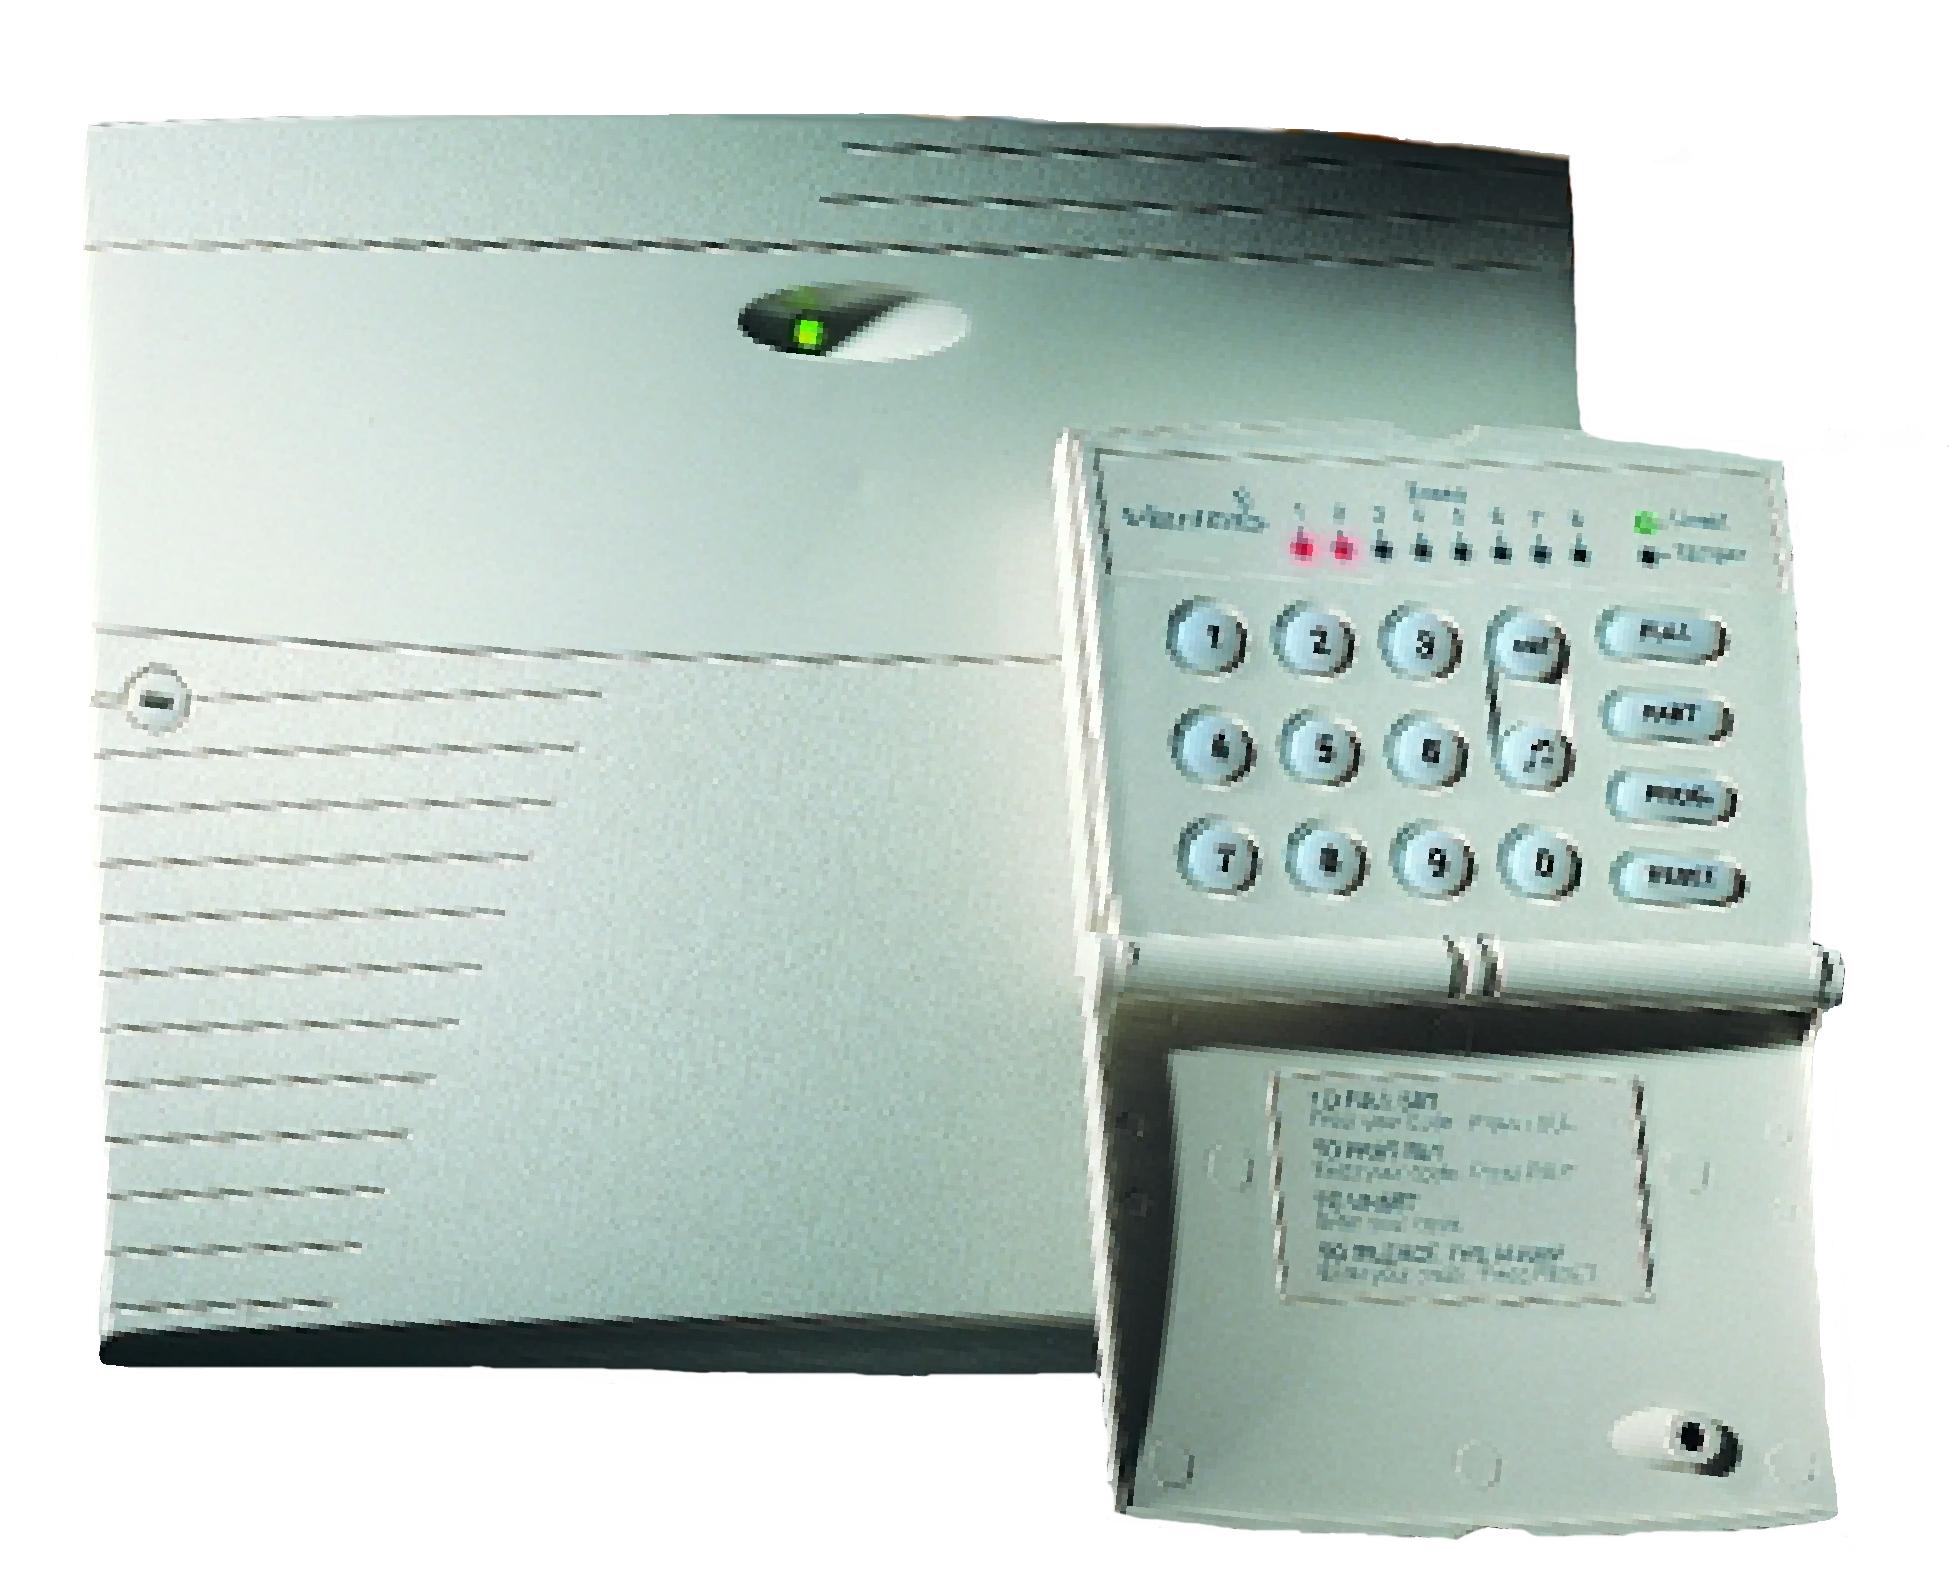 Intruder Alarm Systems | Burglar Alarms